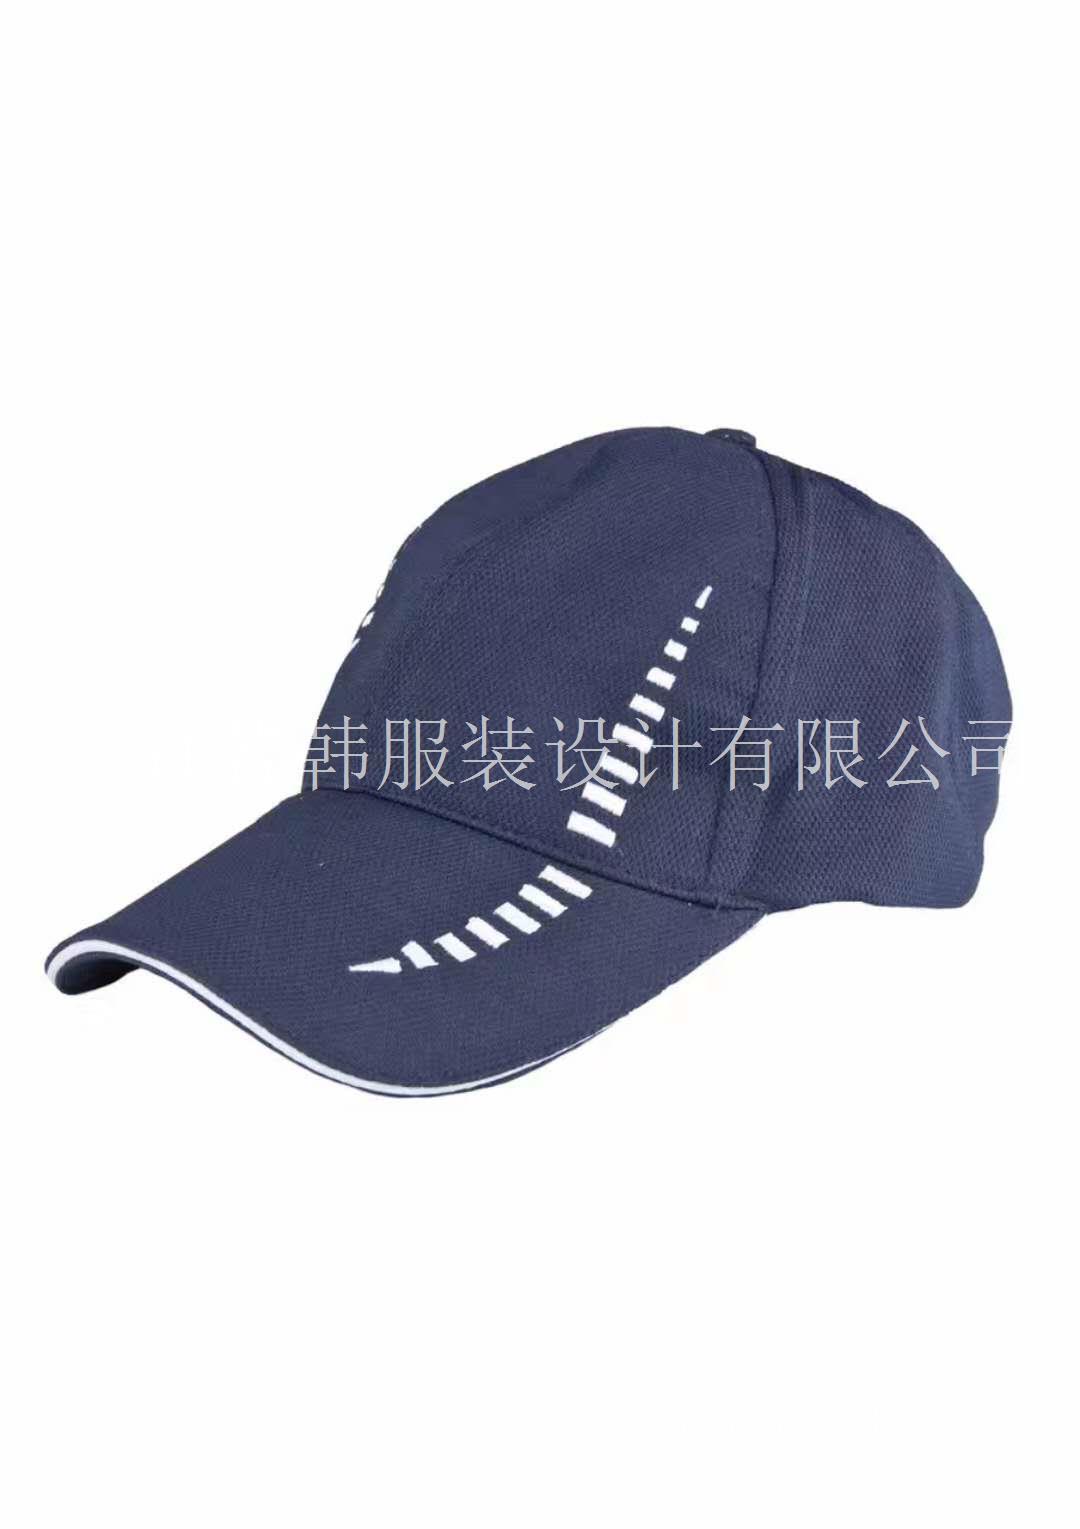 上海专业订做帽子